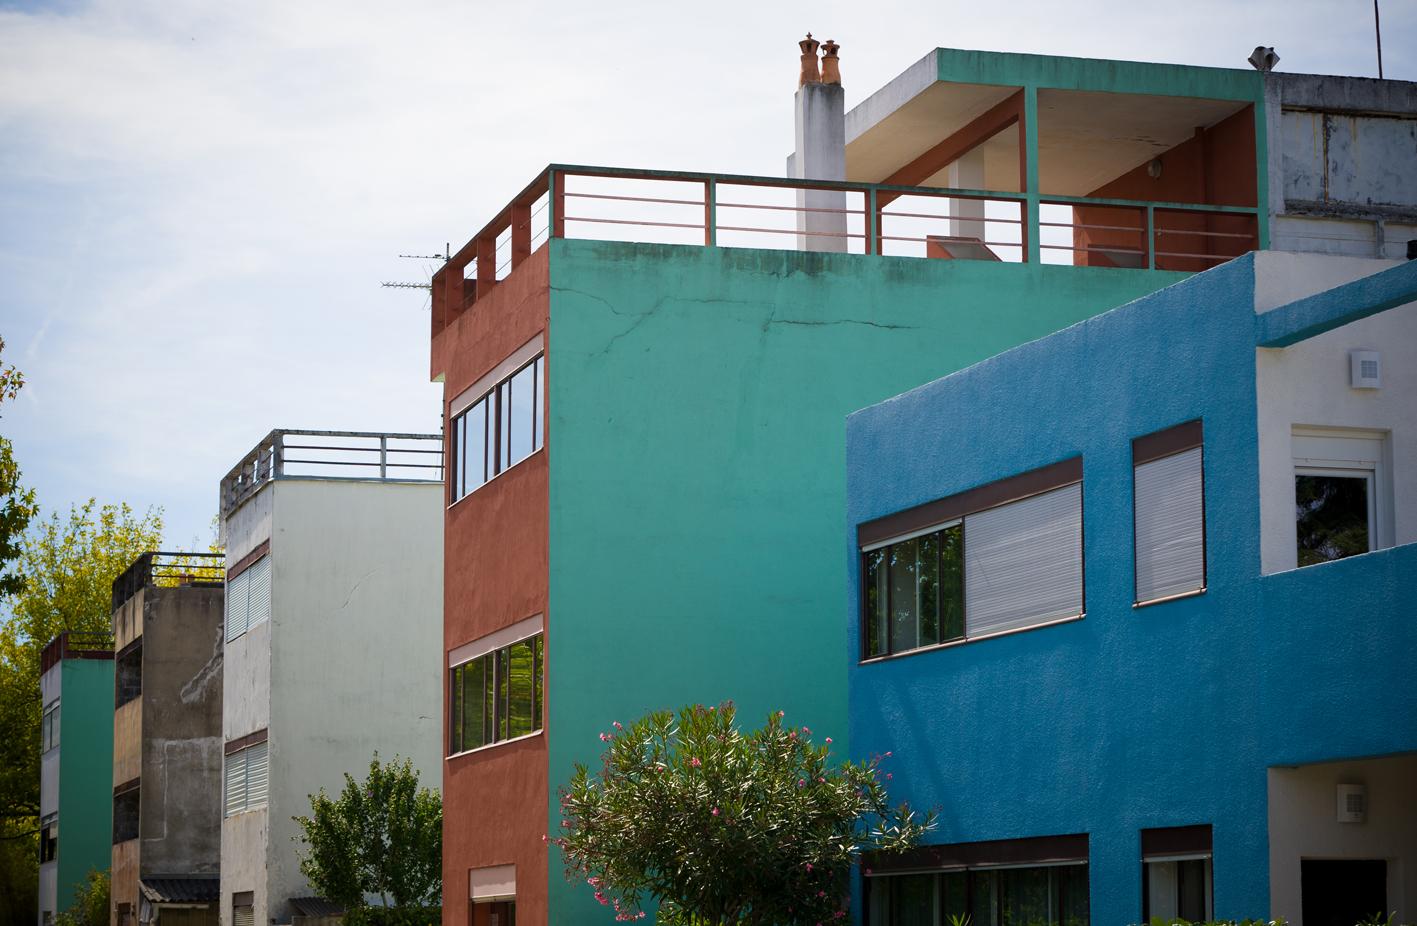 Cité Frugès-le corbusier